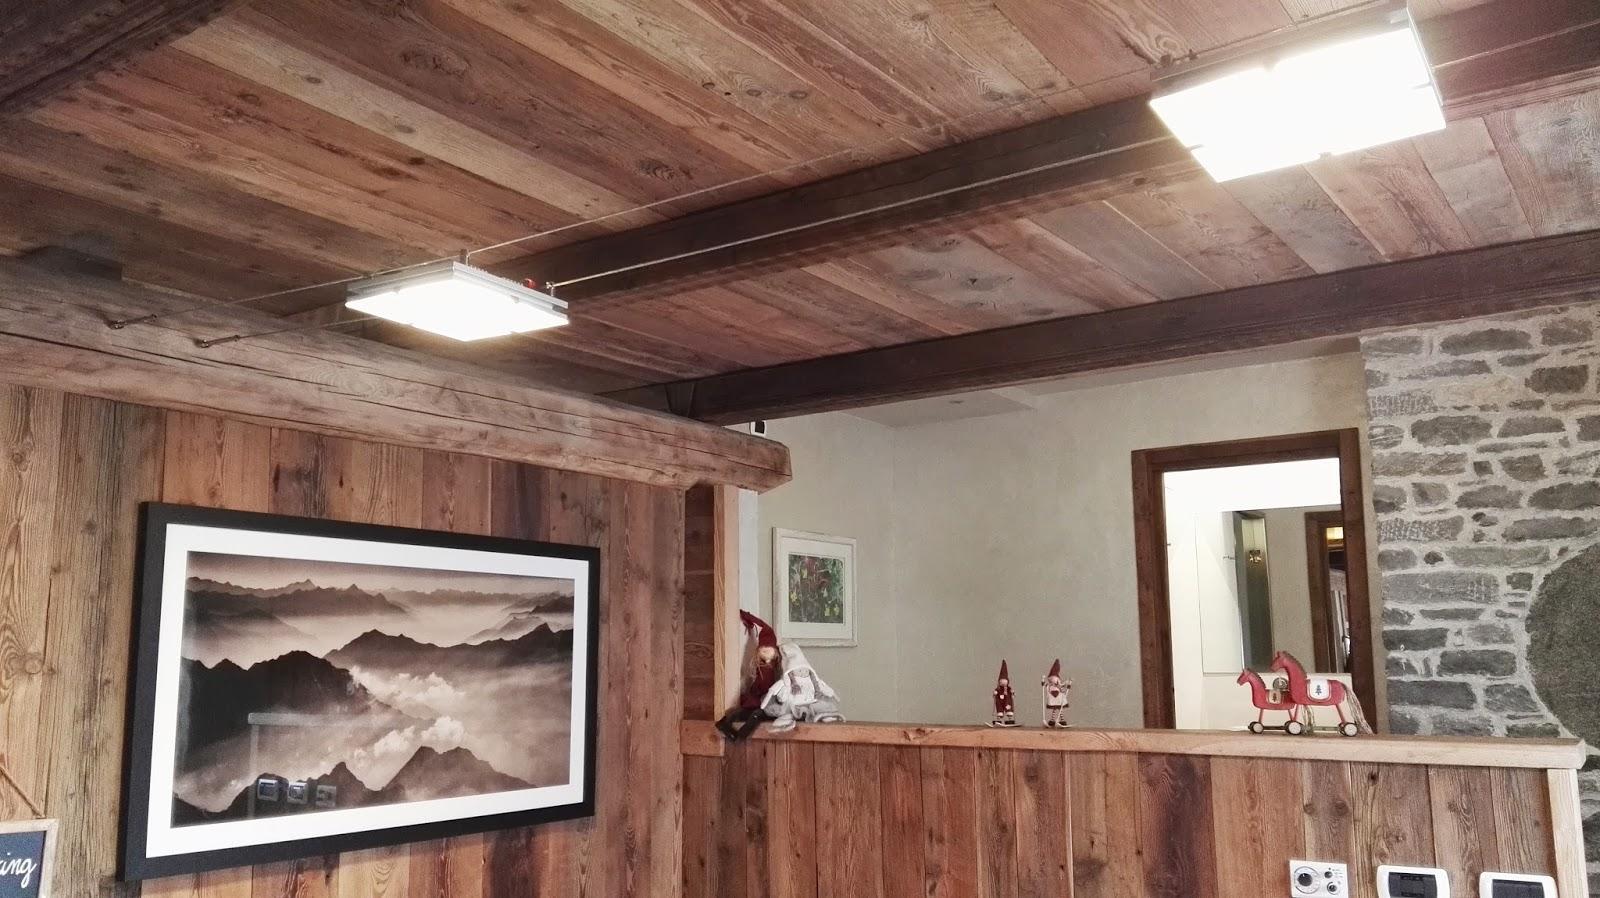 Illuminazione Led casa: lluminare a Led una mansarda, illuminare a Led ambienti con travi a vista.